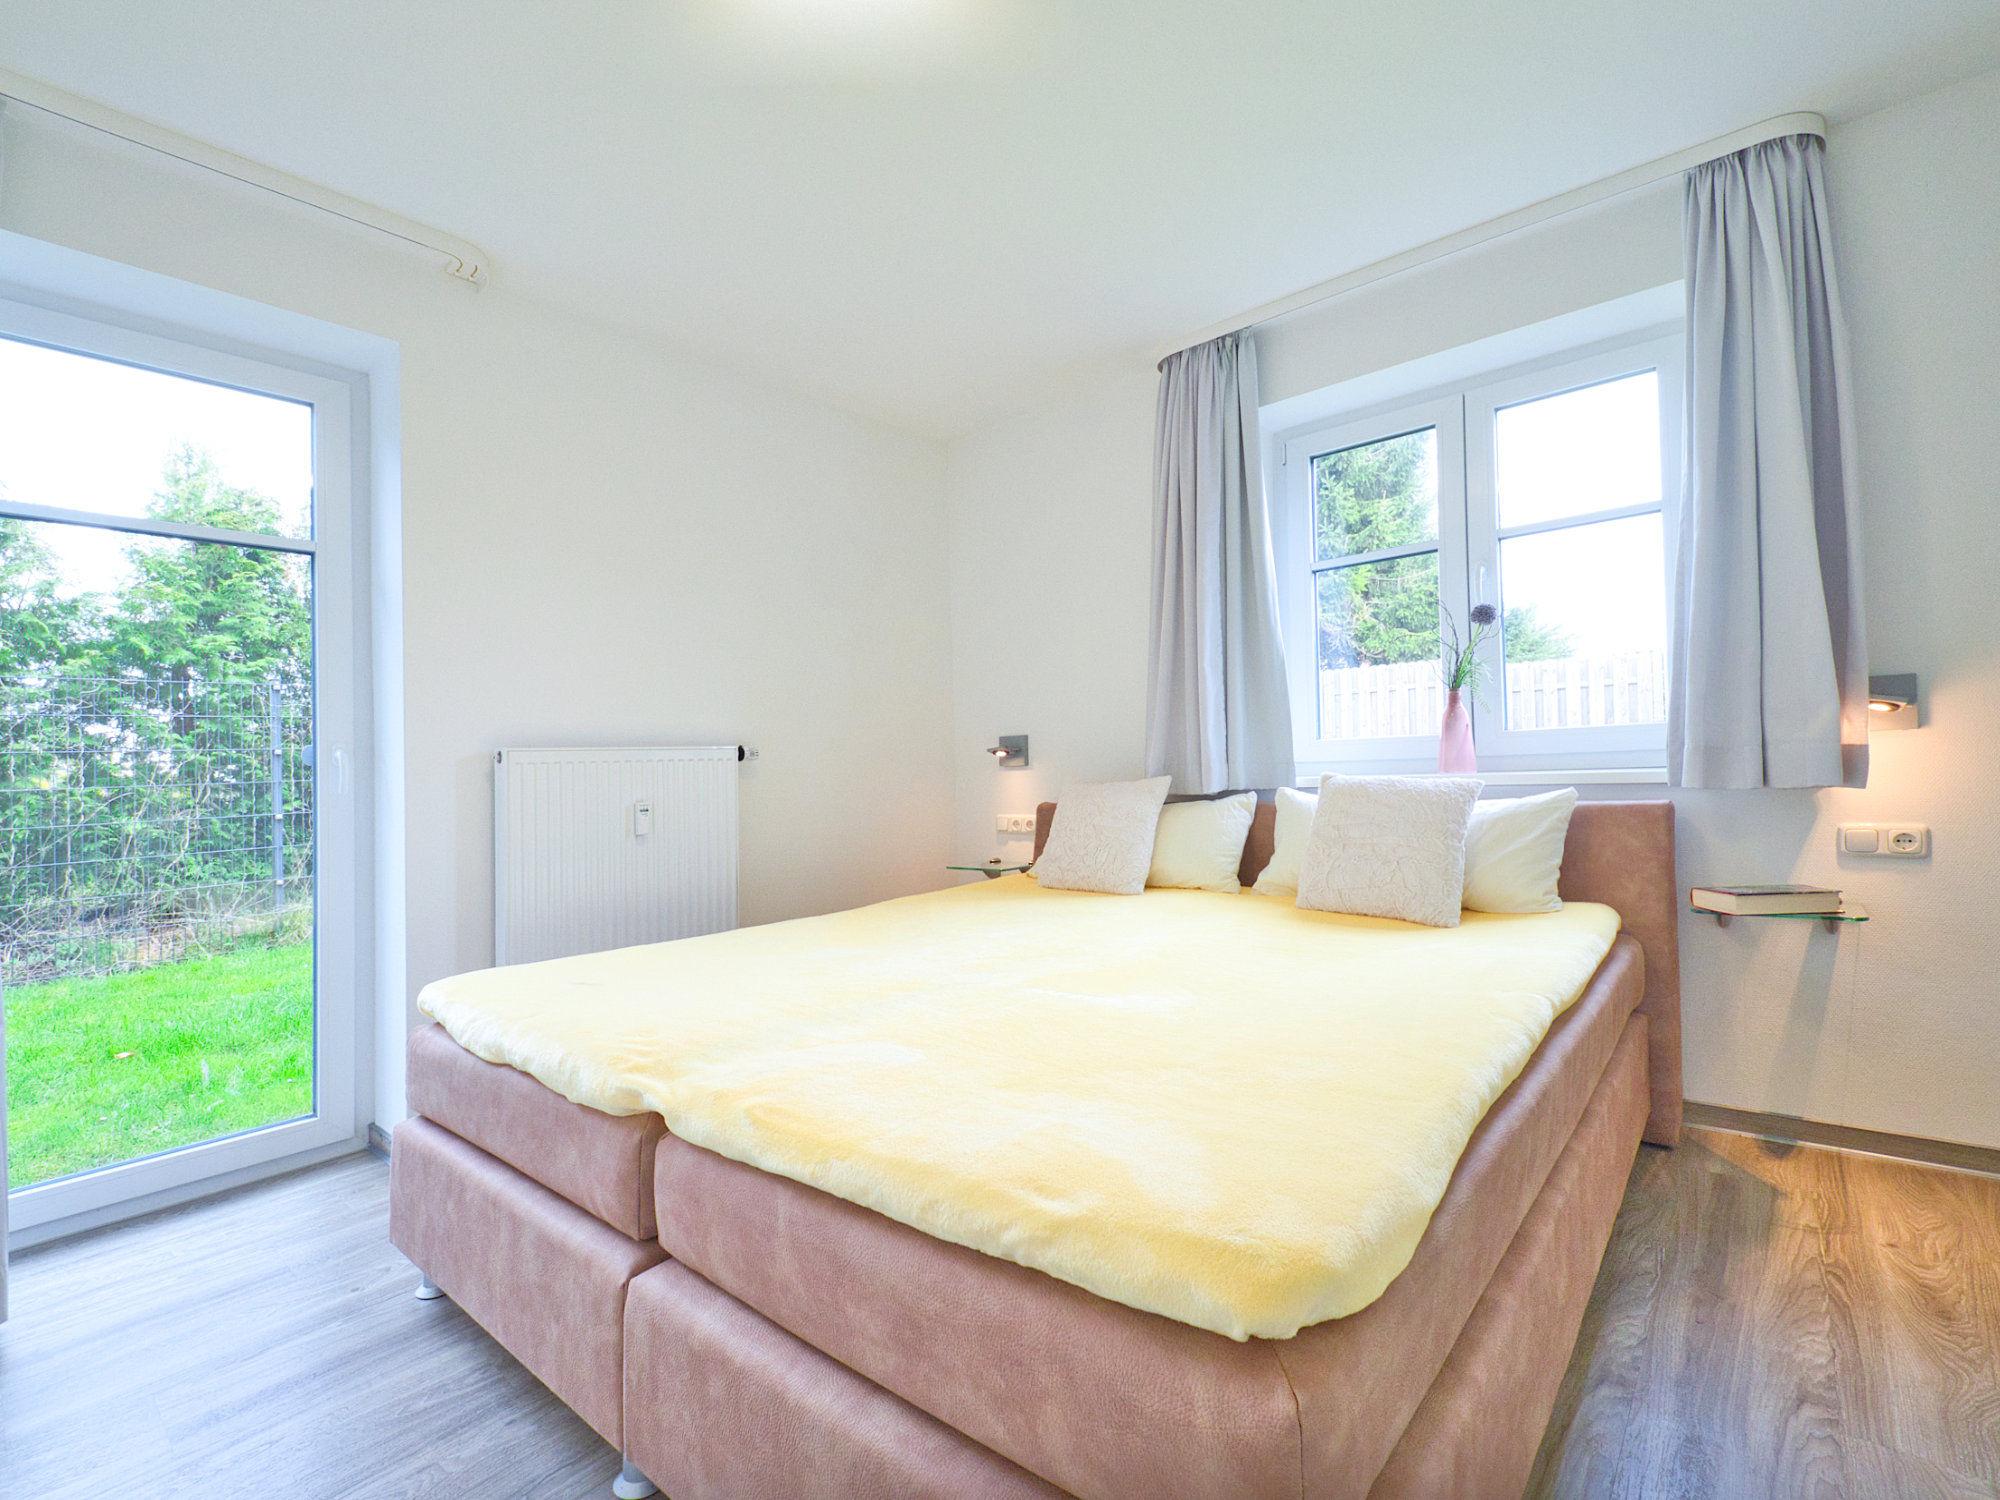 Zweites Schlafzimmer mit Doppelbett, Fenster und großer Terrassentür